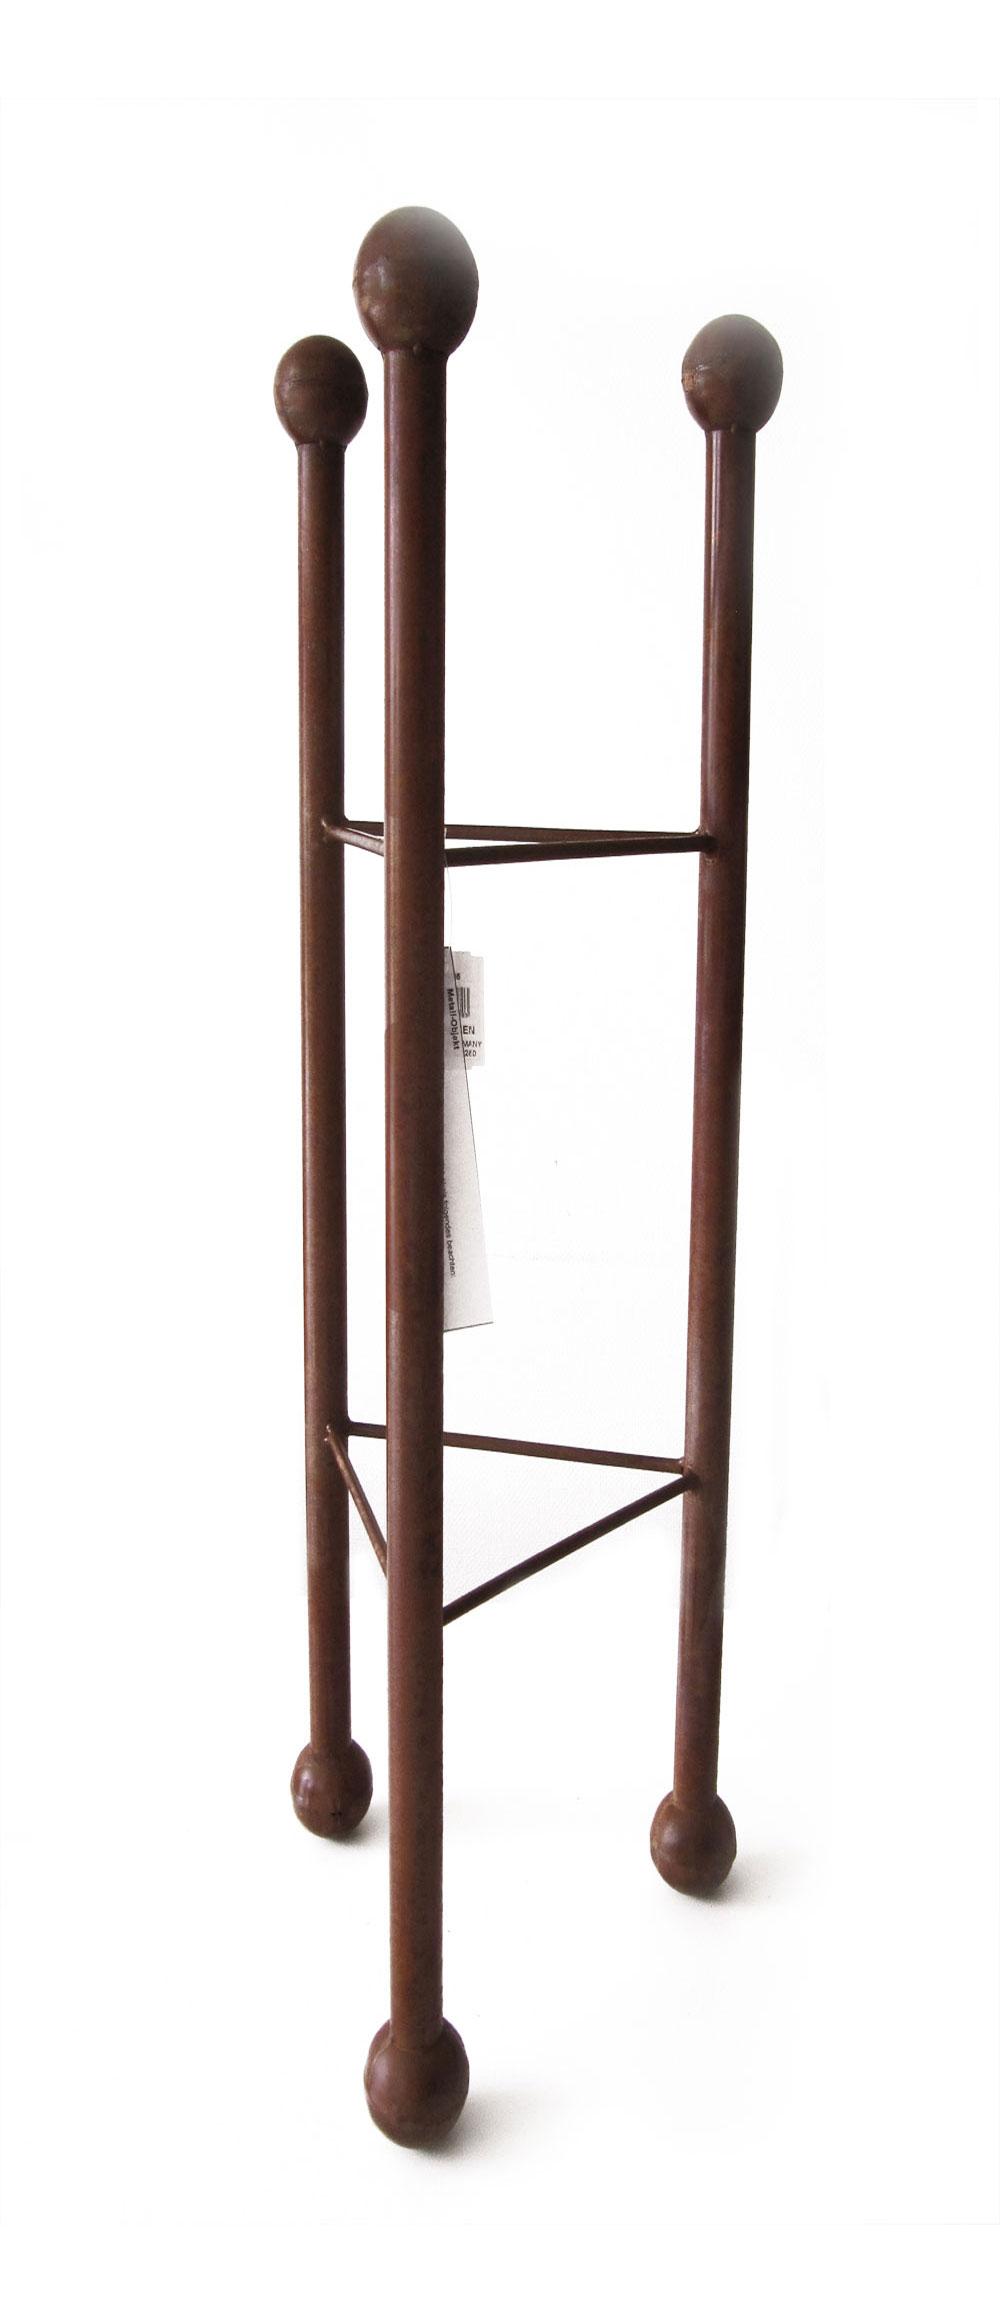 Deko Säule / Ständer dreieckig Metall Naturrost 32x32x135cm Bild 1